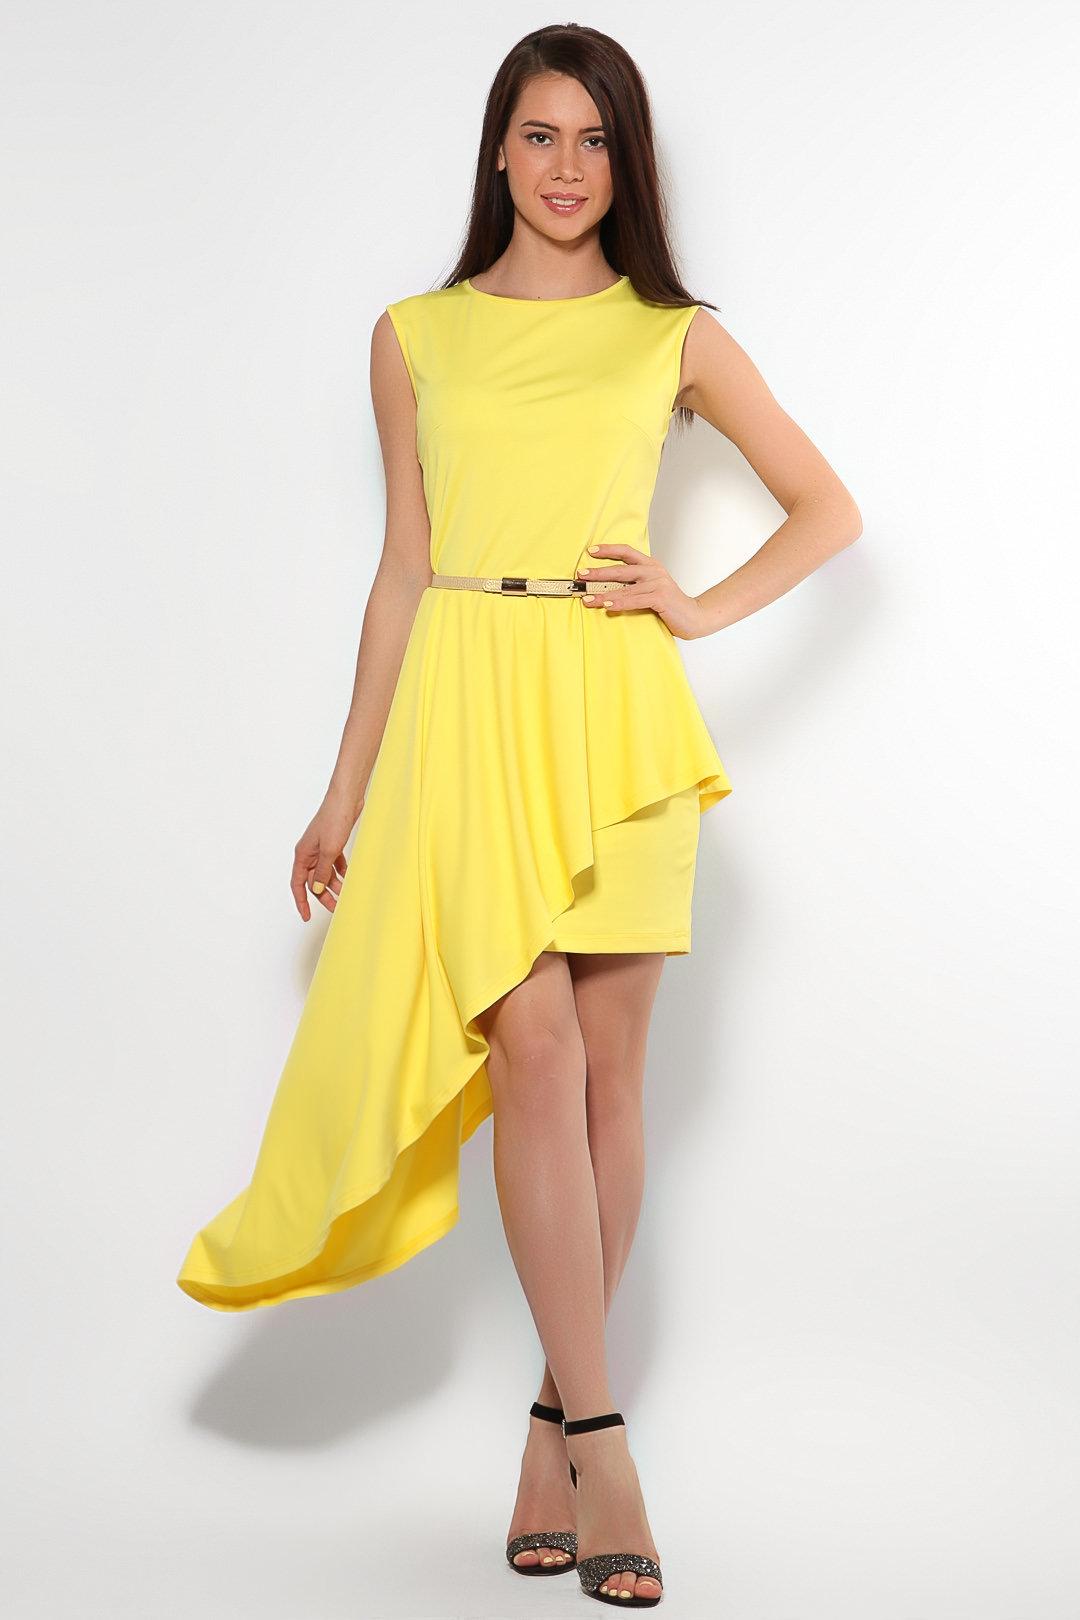 очень красивая девушка в желтом платье - 3